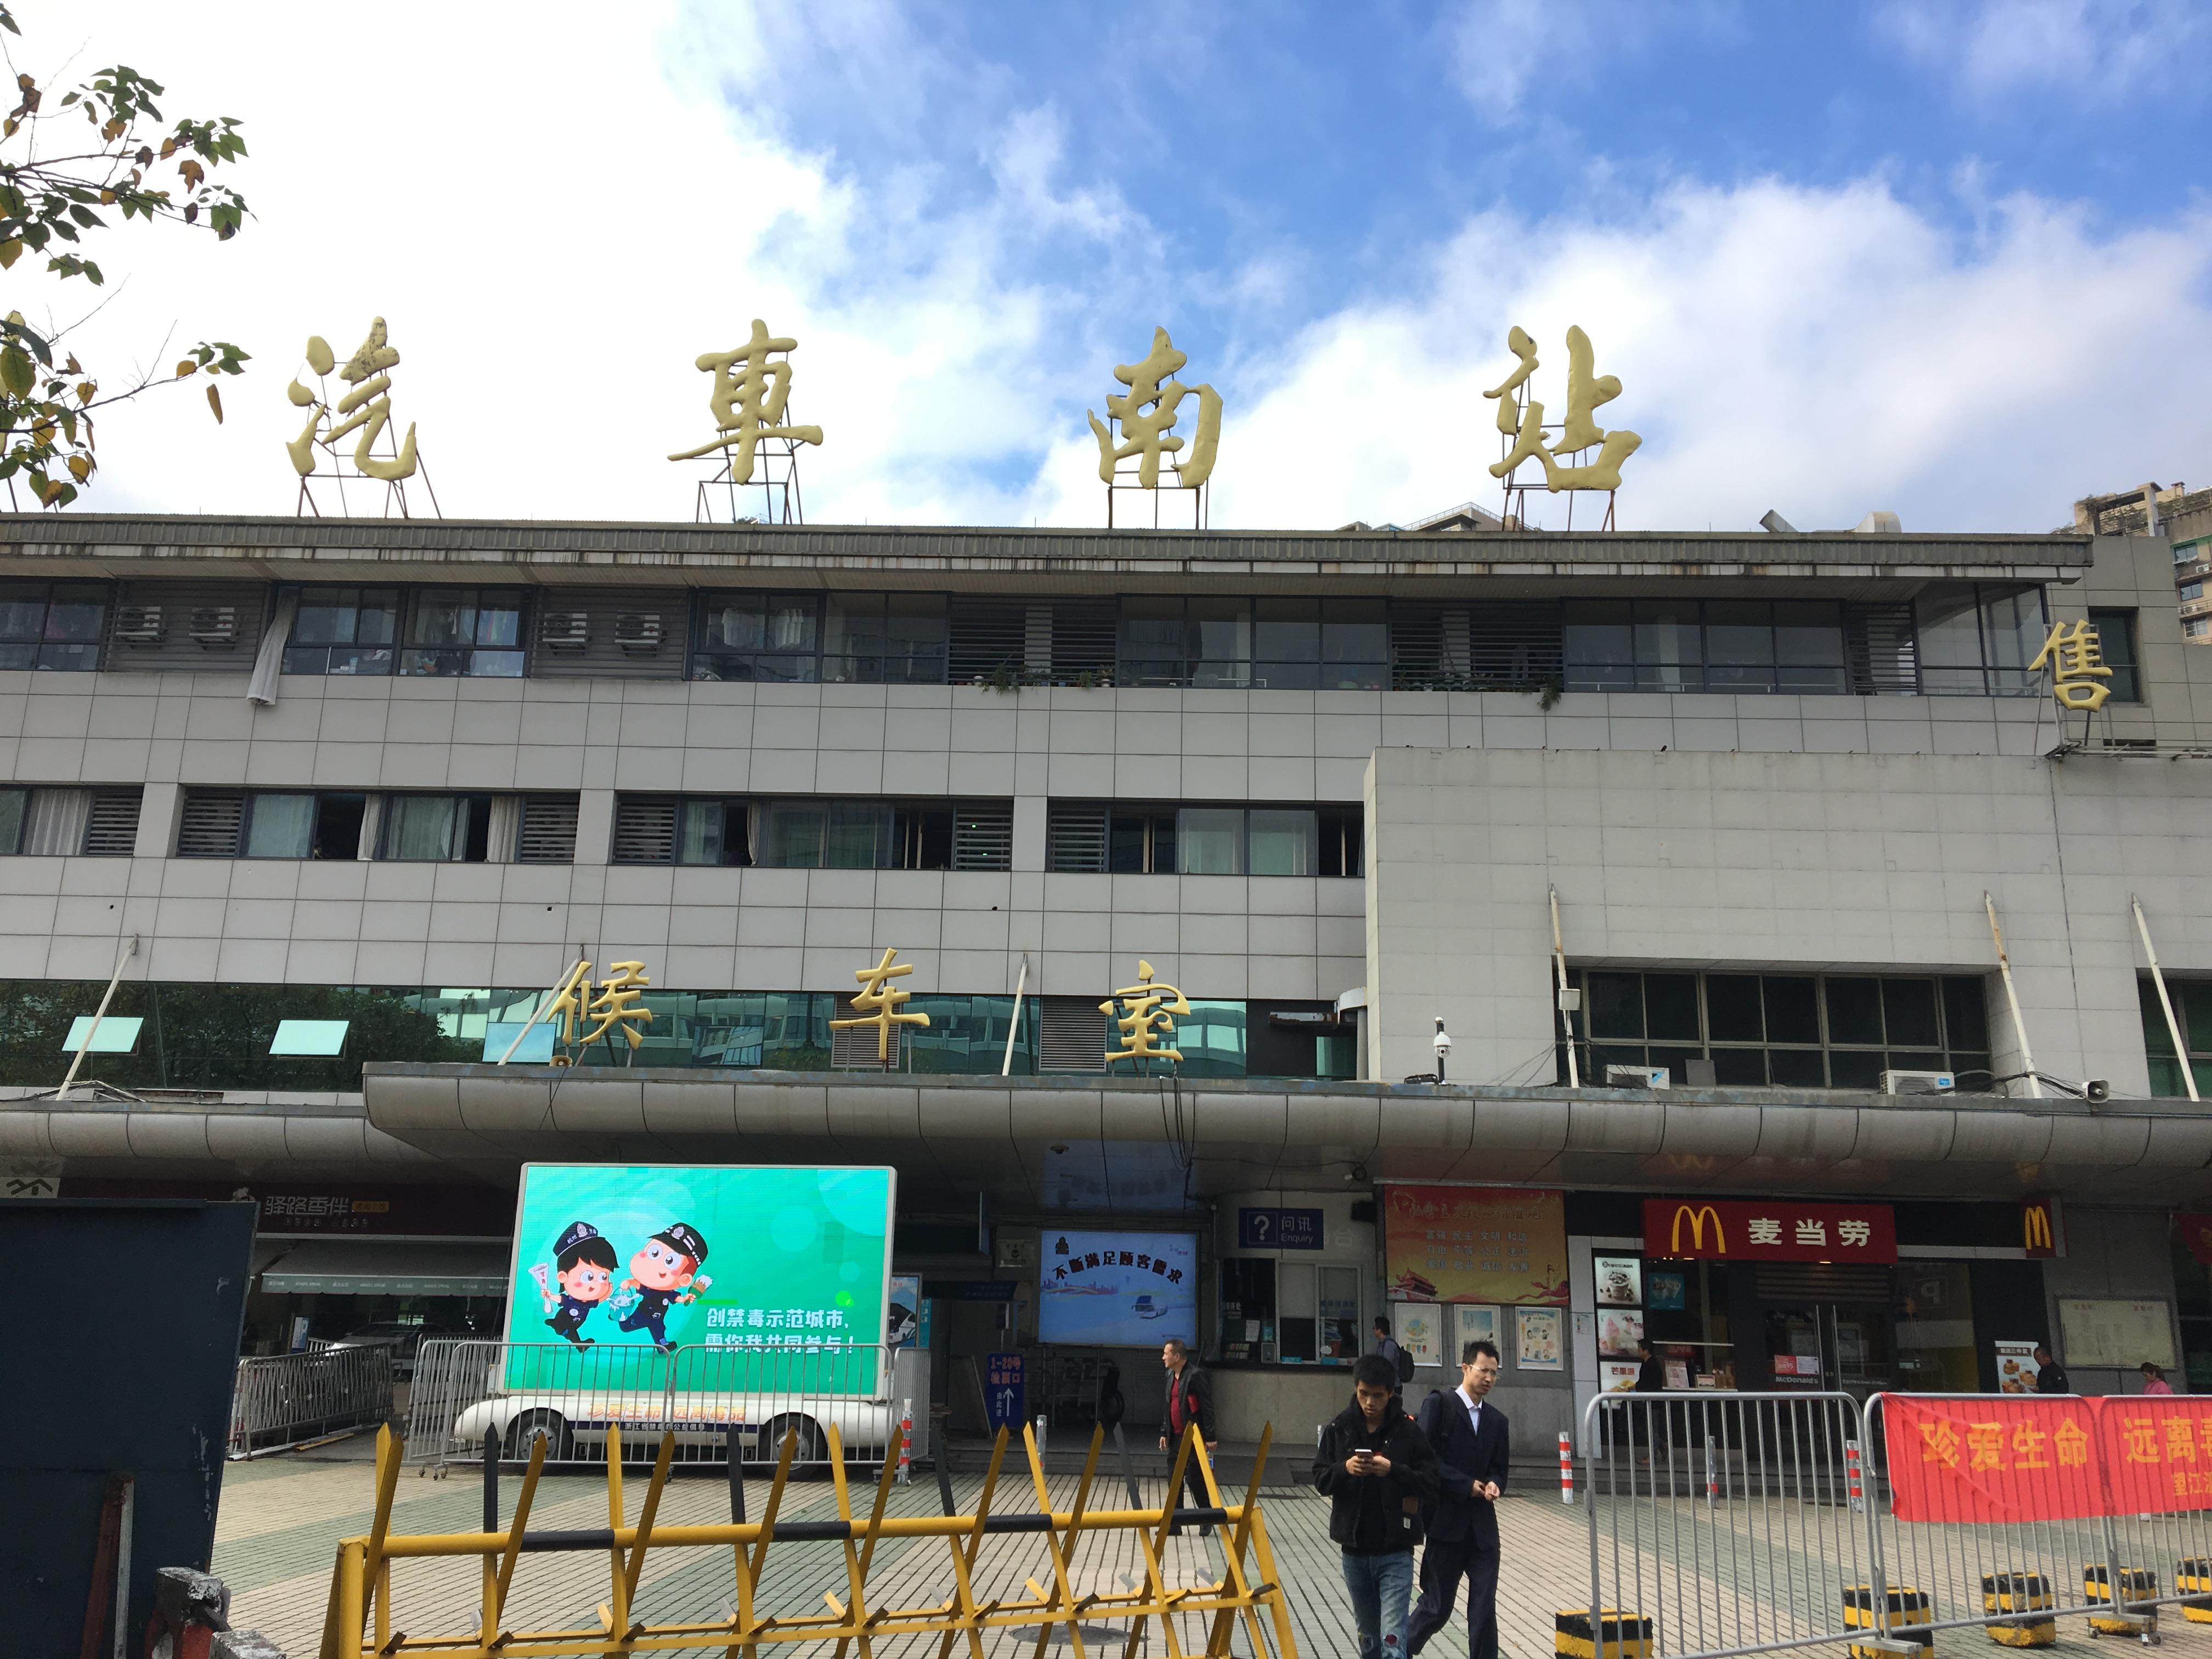 定了!汽車南站將搬遷至濱江浦沿,原址將變住宅!